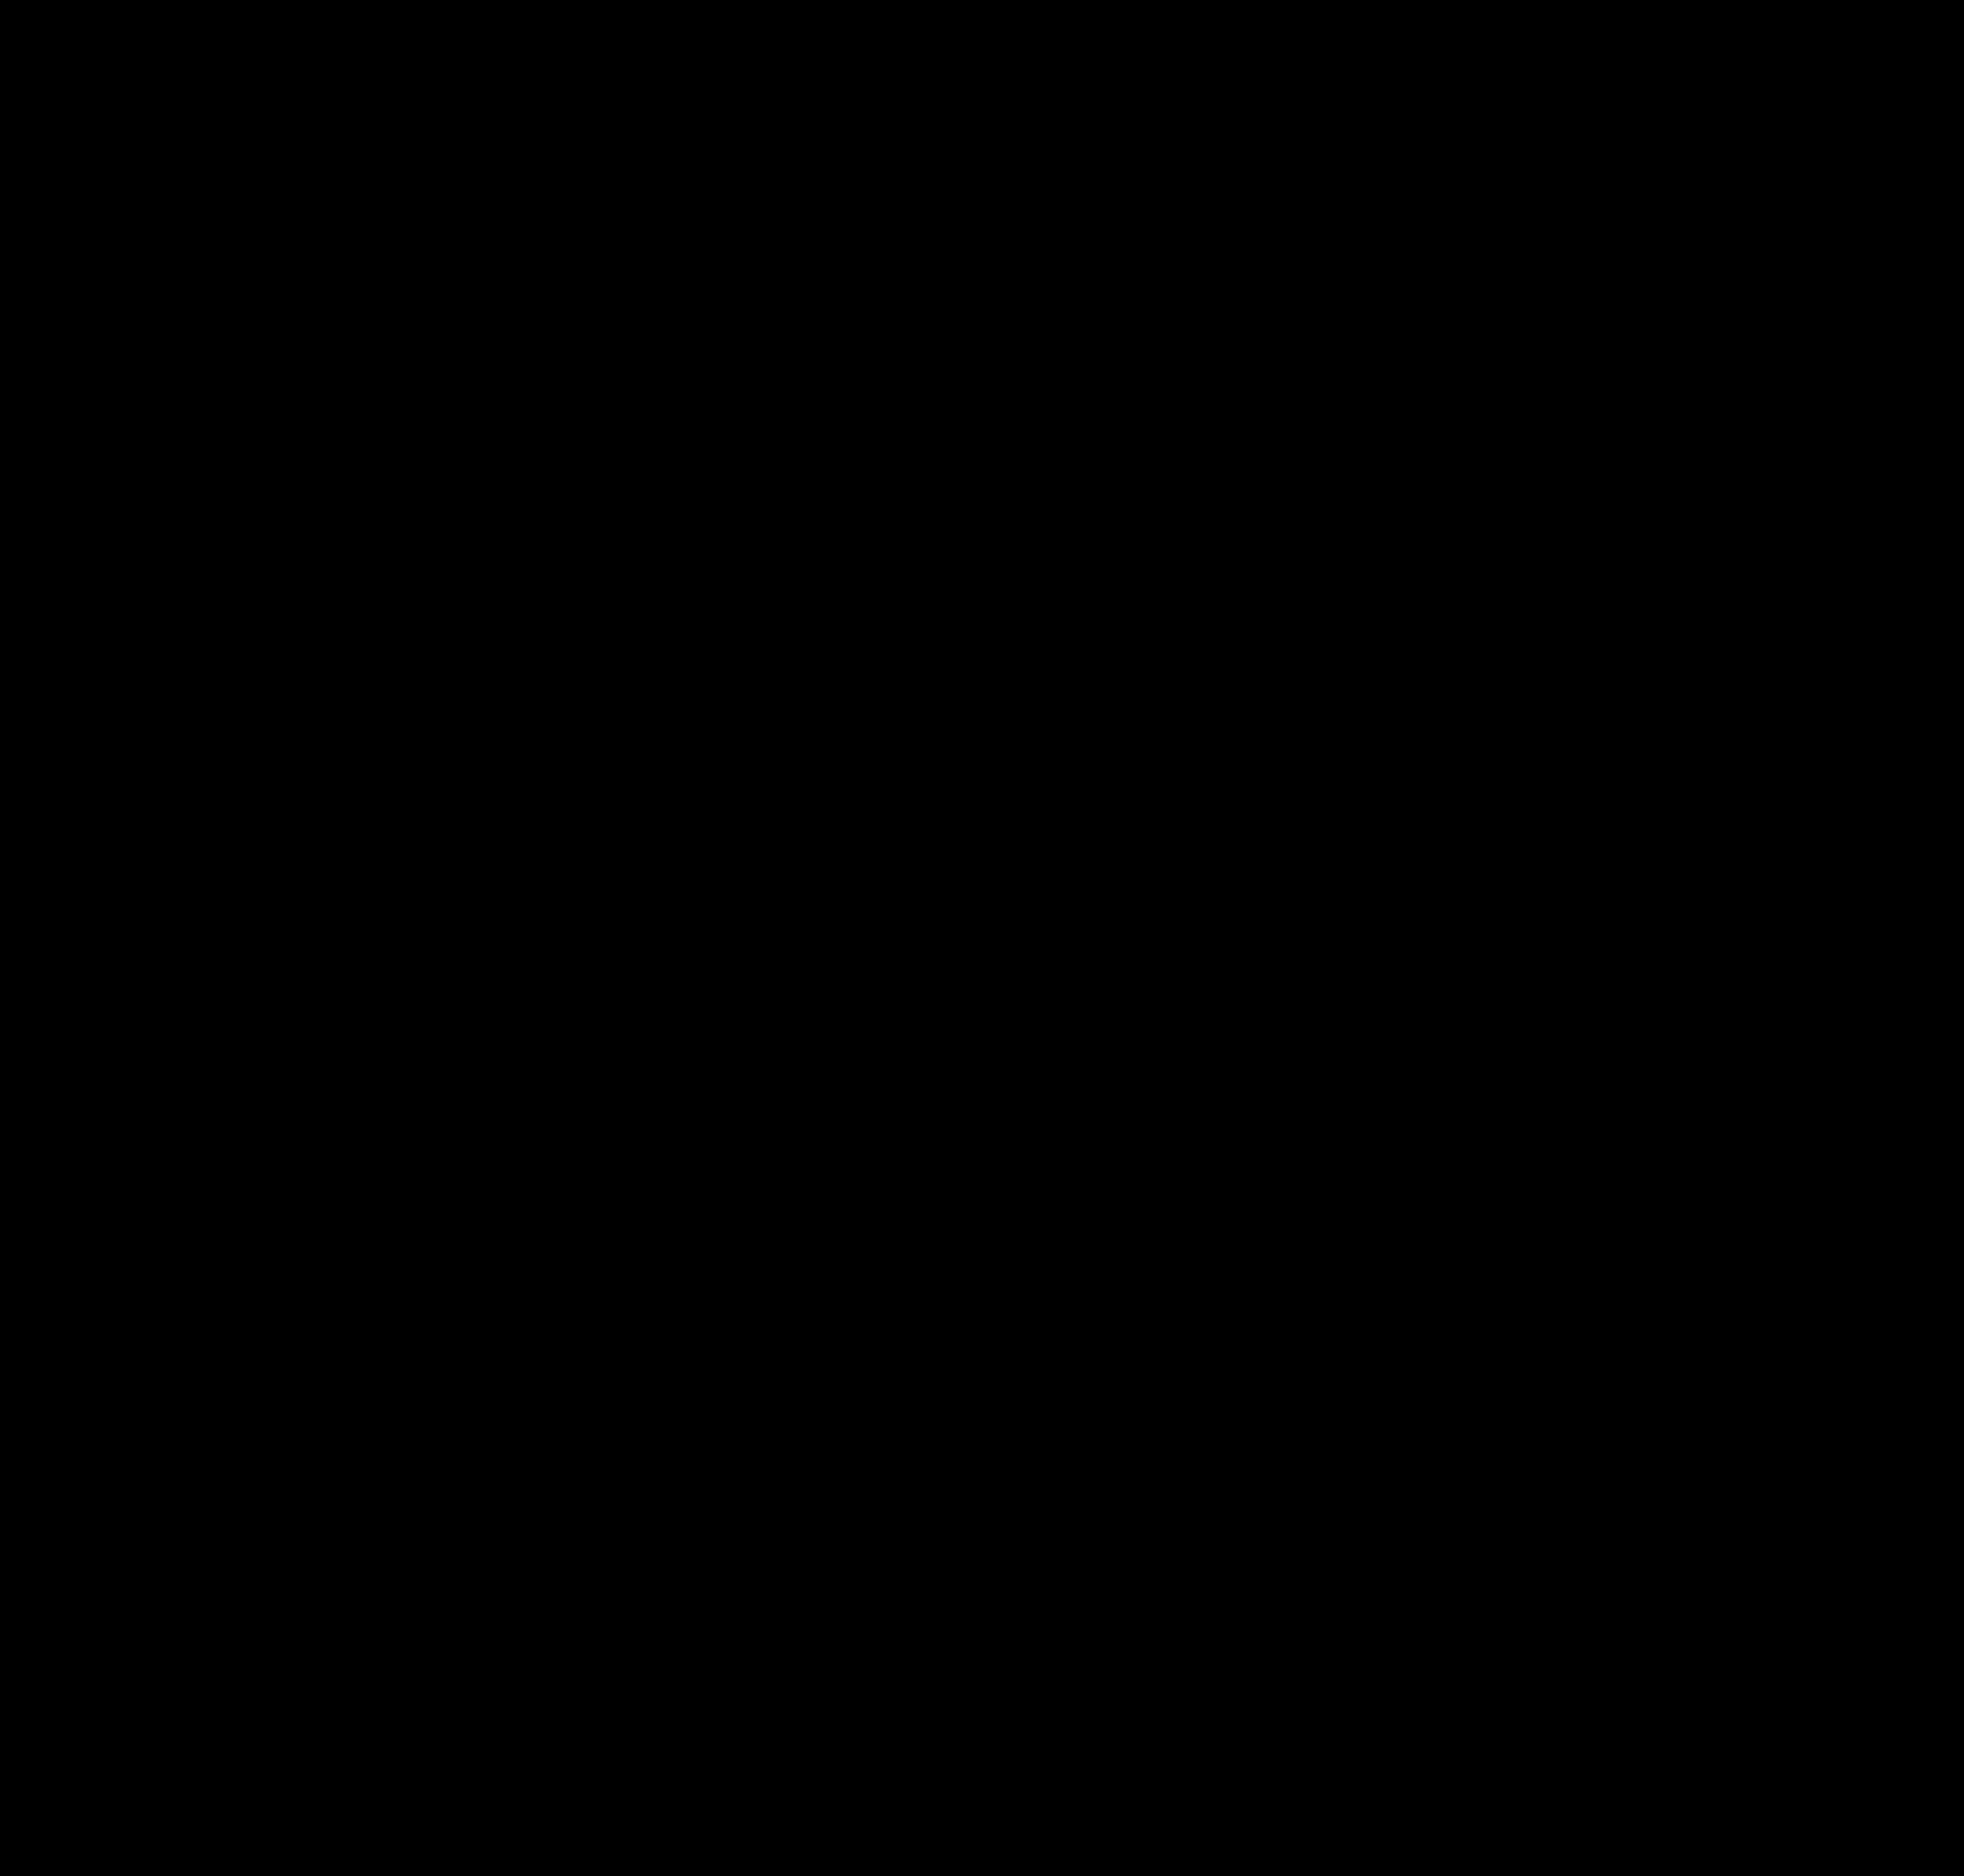 LinkedIn icon Logo PNG Transparent & SVG Vector.